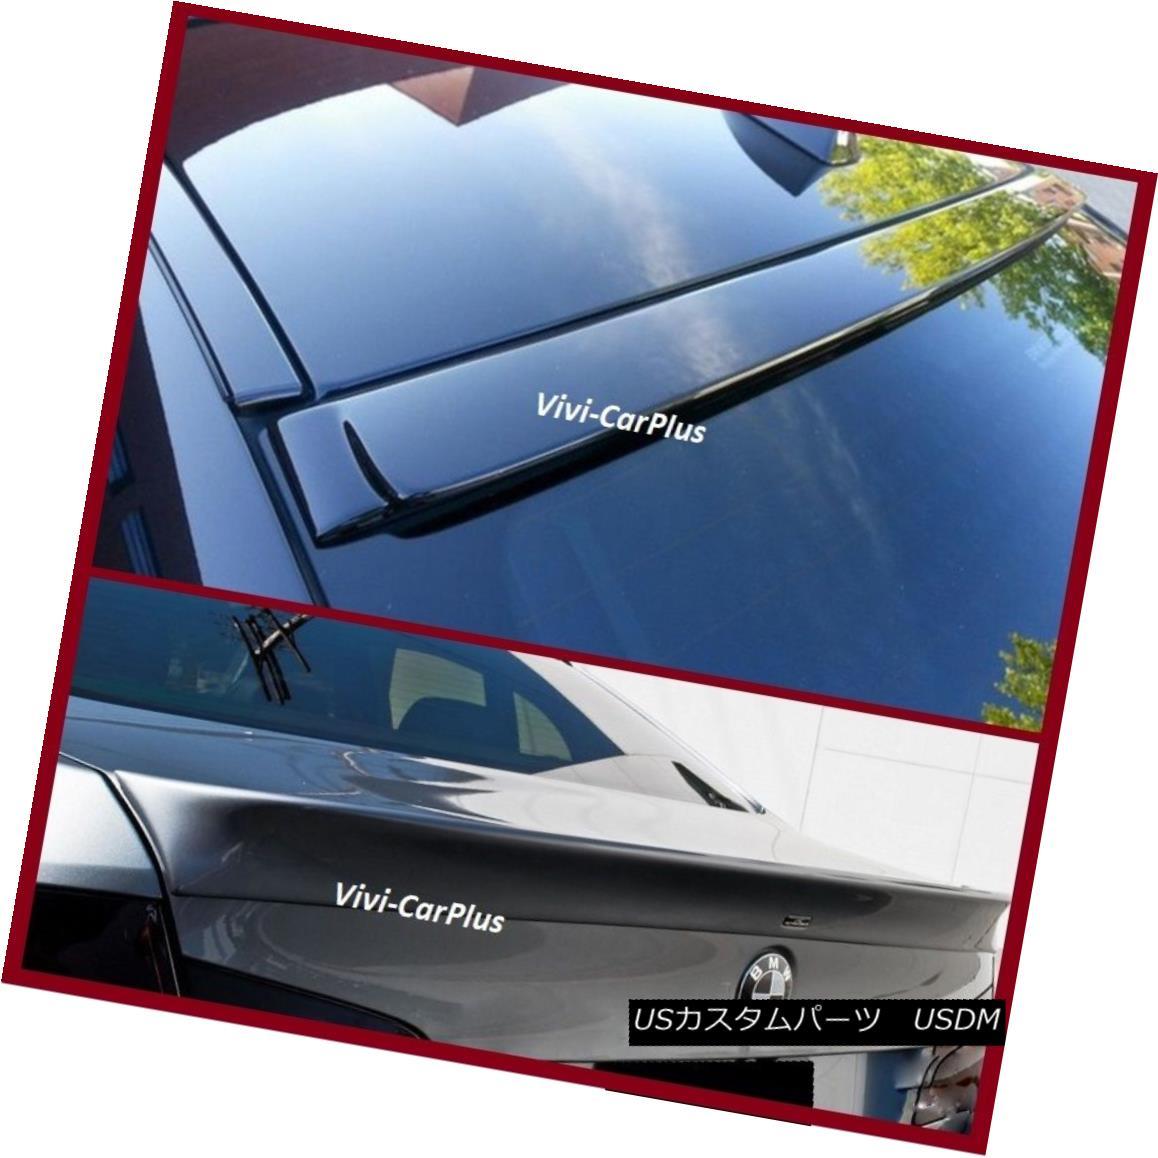 エアロパーツ Pick Color AC Roof & Trunk Boot Spoiler Lip For 11-16 BMW F10 535i 550i M5 4Dr ピックカラーAC屋根& 11-16用トランクブートスポイラーリップBMW F10 535i 550i M5 4Dr